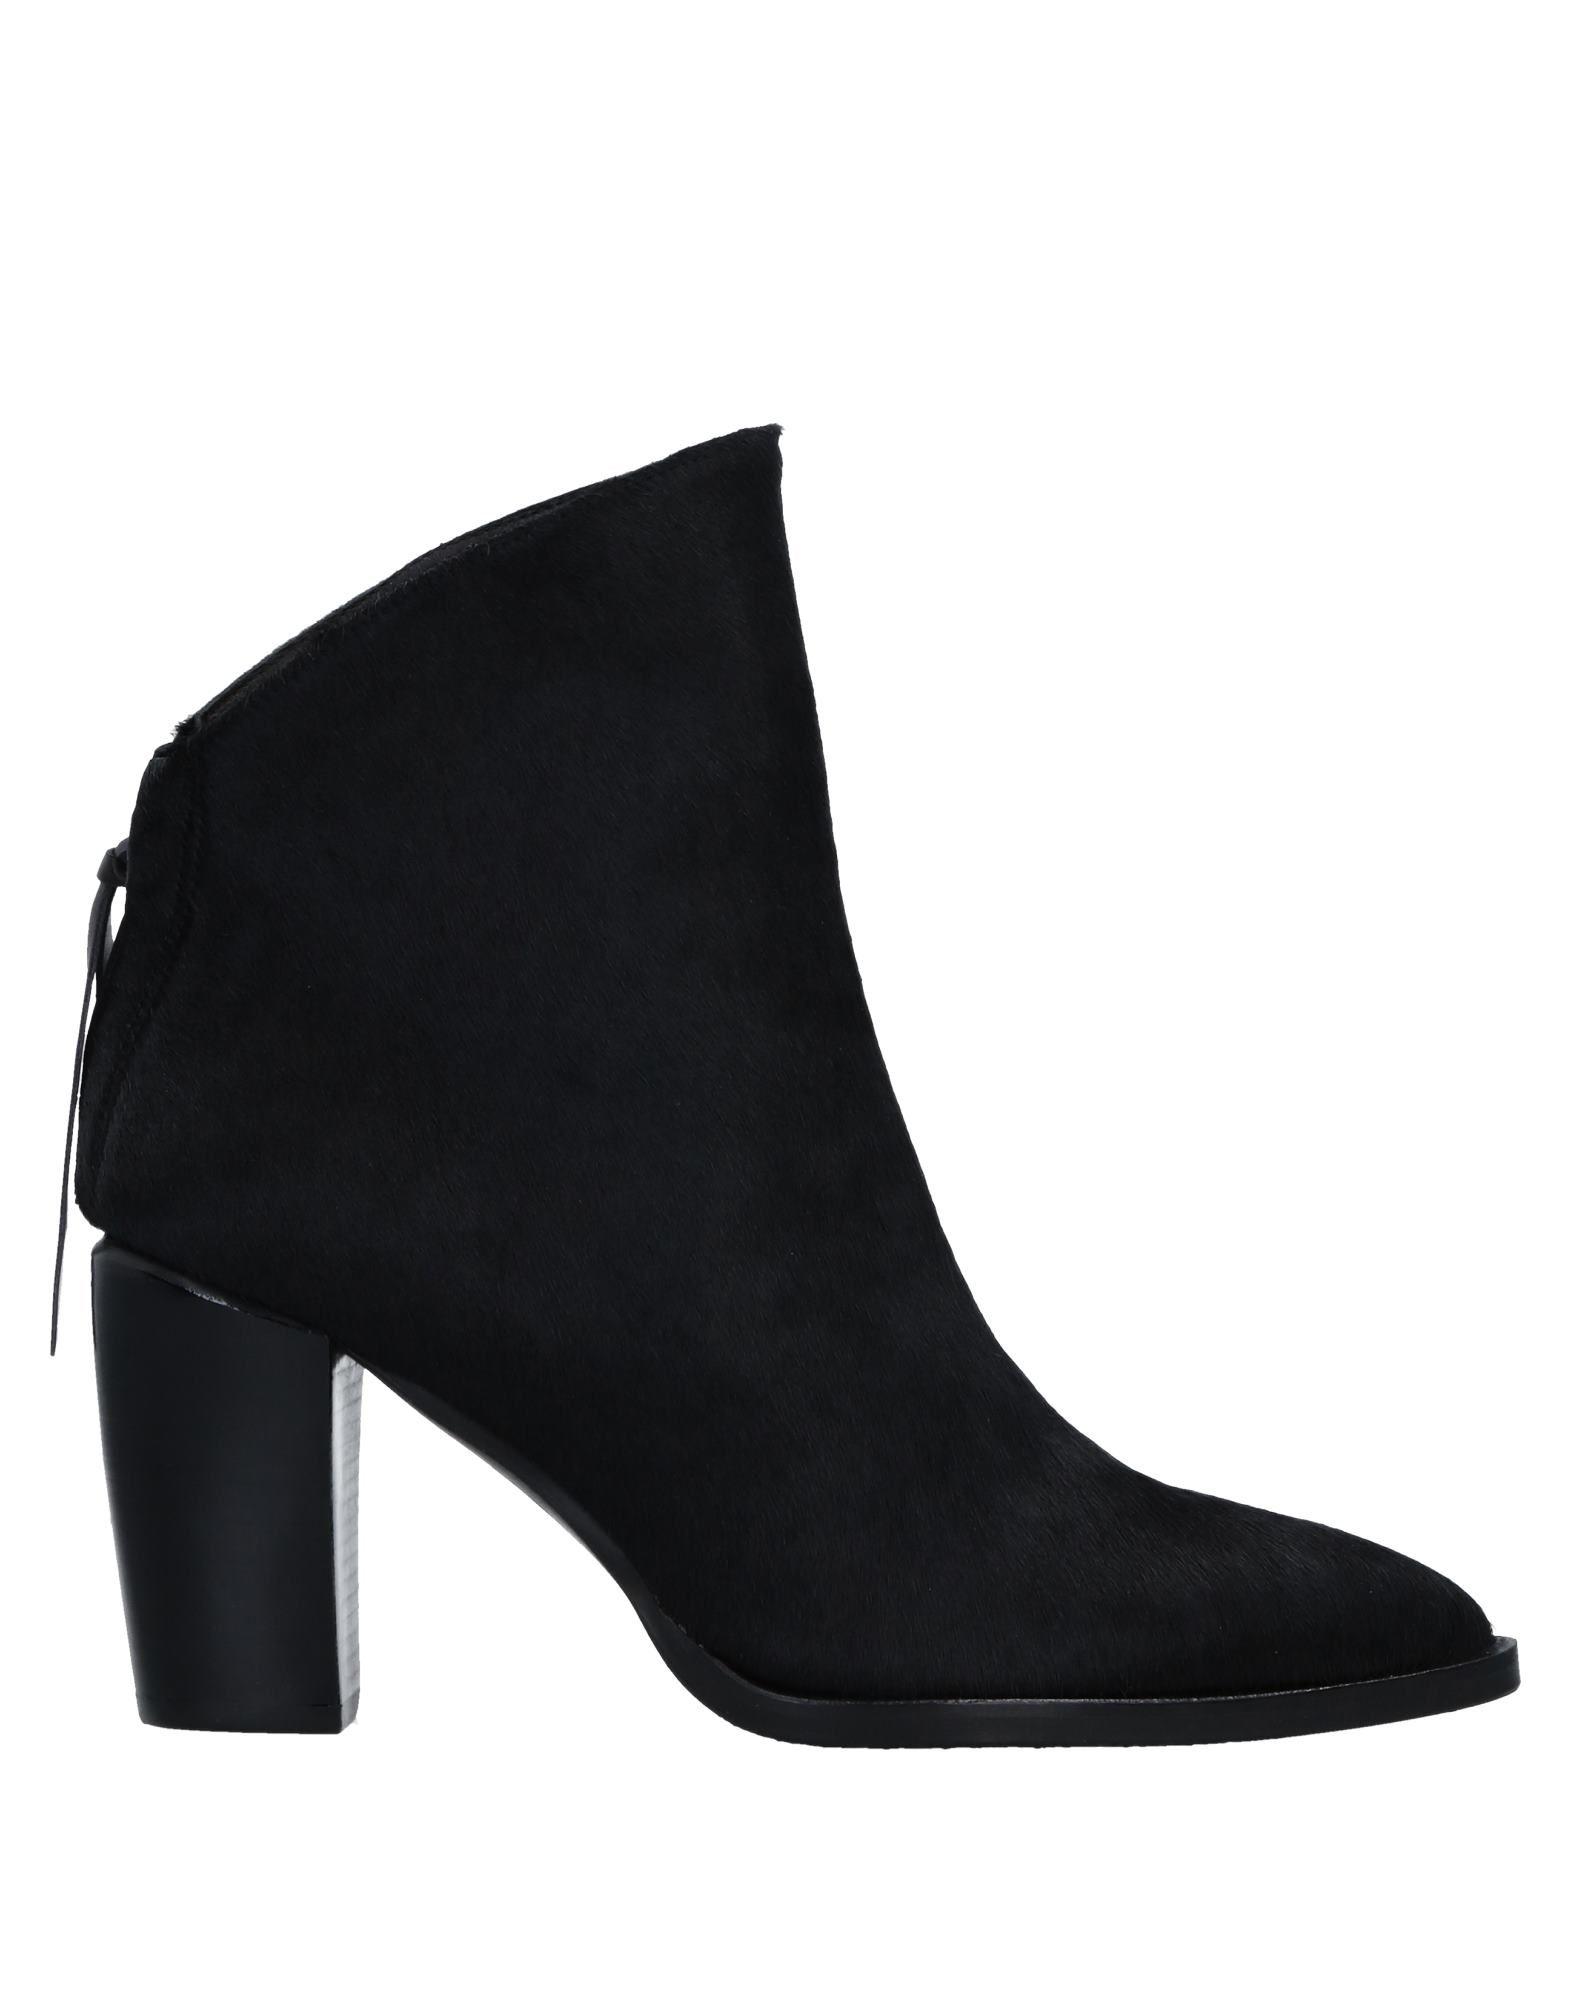 Zinda Stiefelette strapazierfähige Damen  11542845OFGut aussehende strapazierfähige Stiefelette Schuhe efe4b1